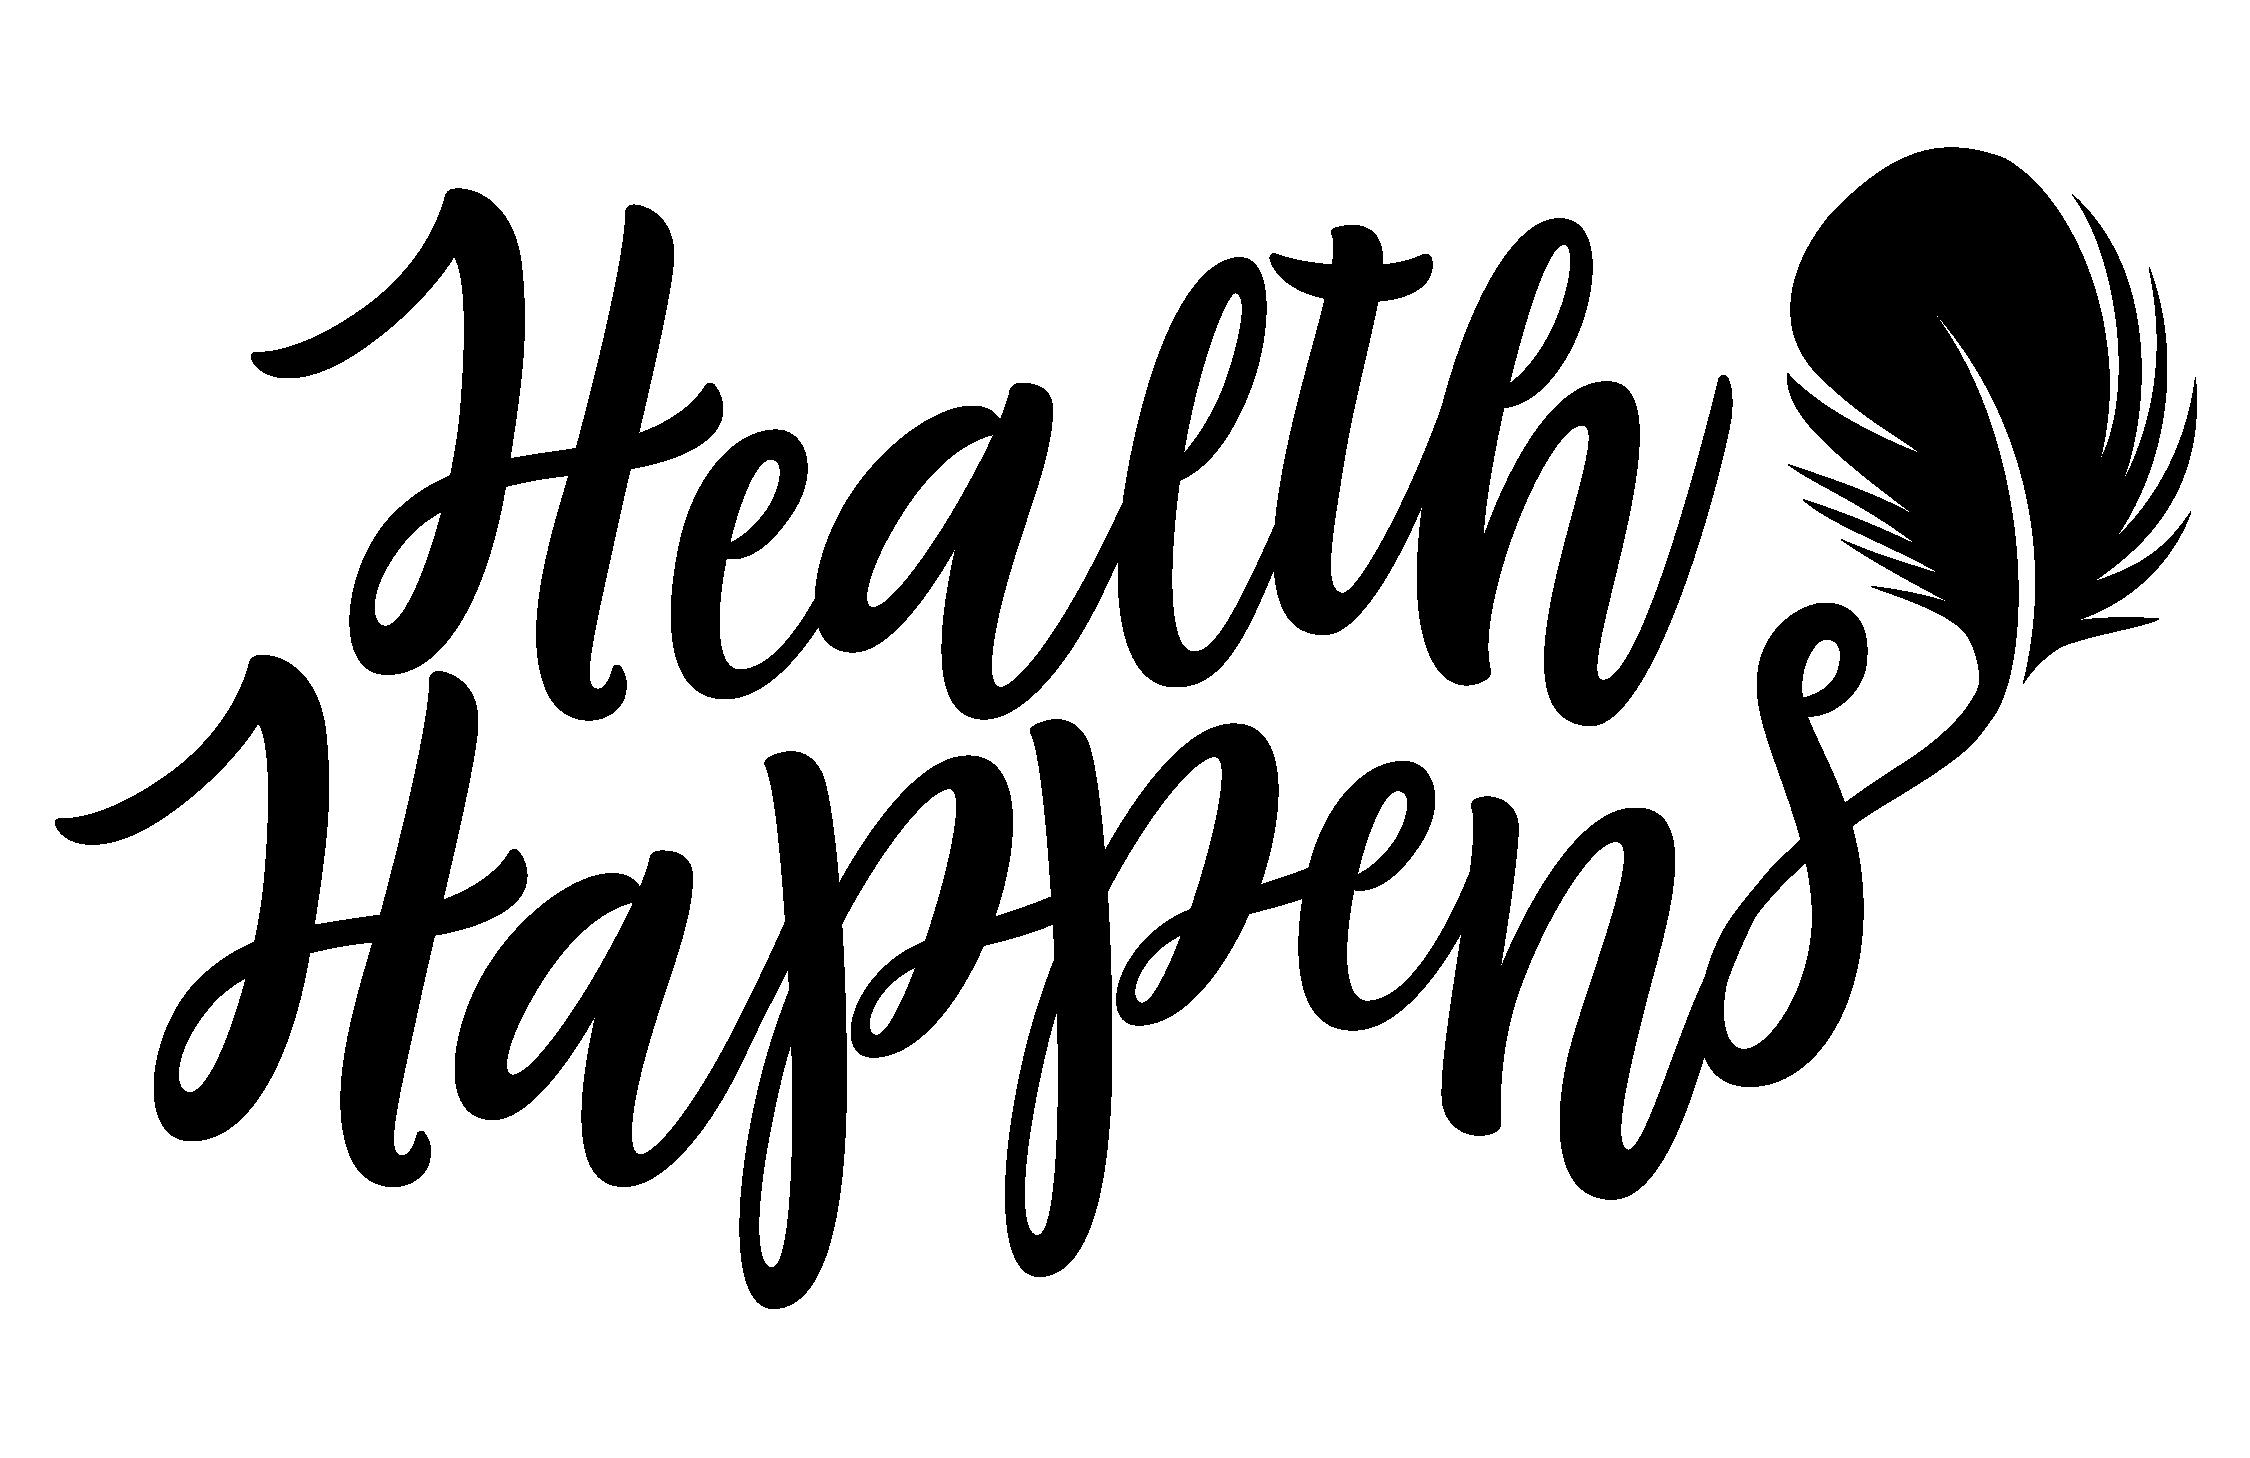 Healthhappens